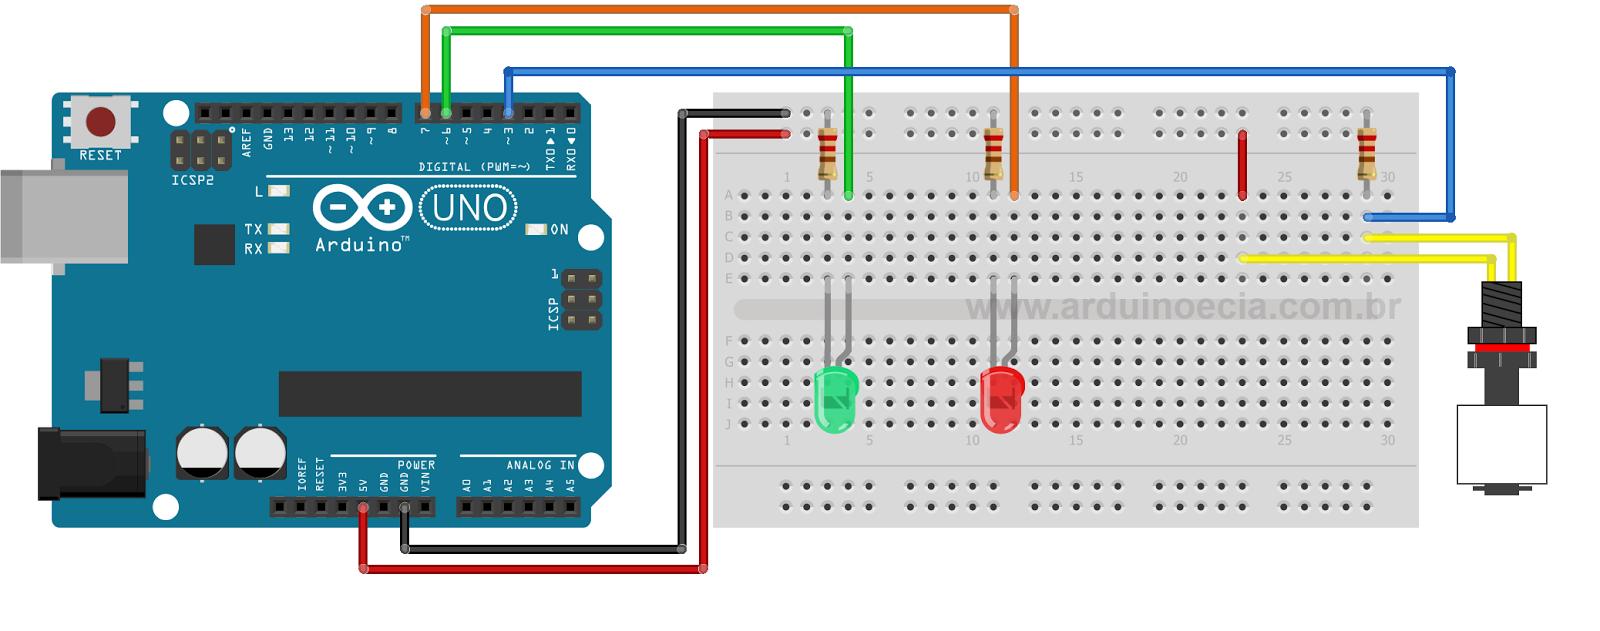 Circuito Arduino e sensor de nivel de liquido